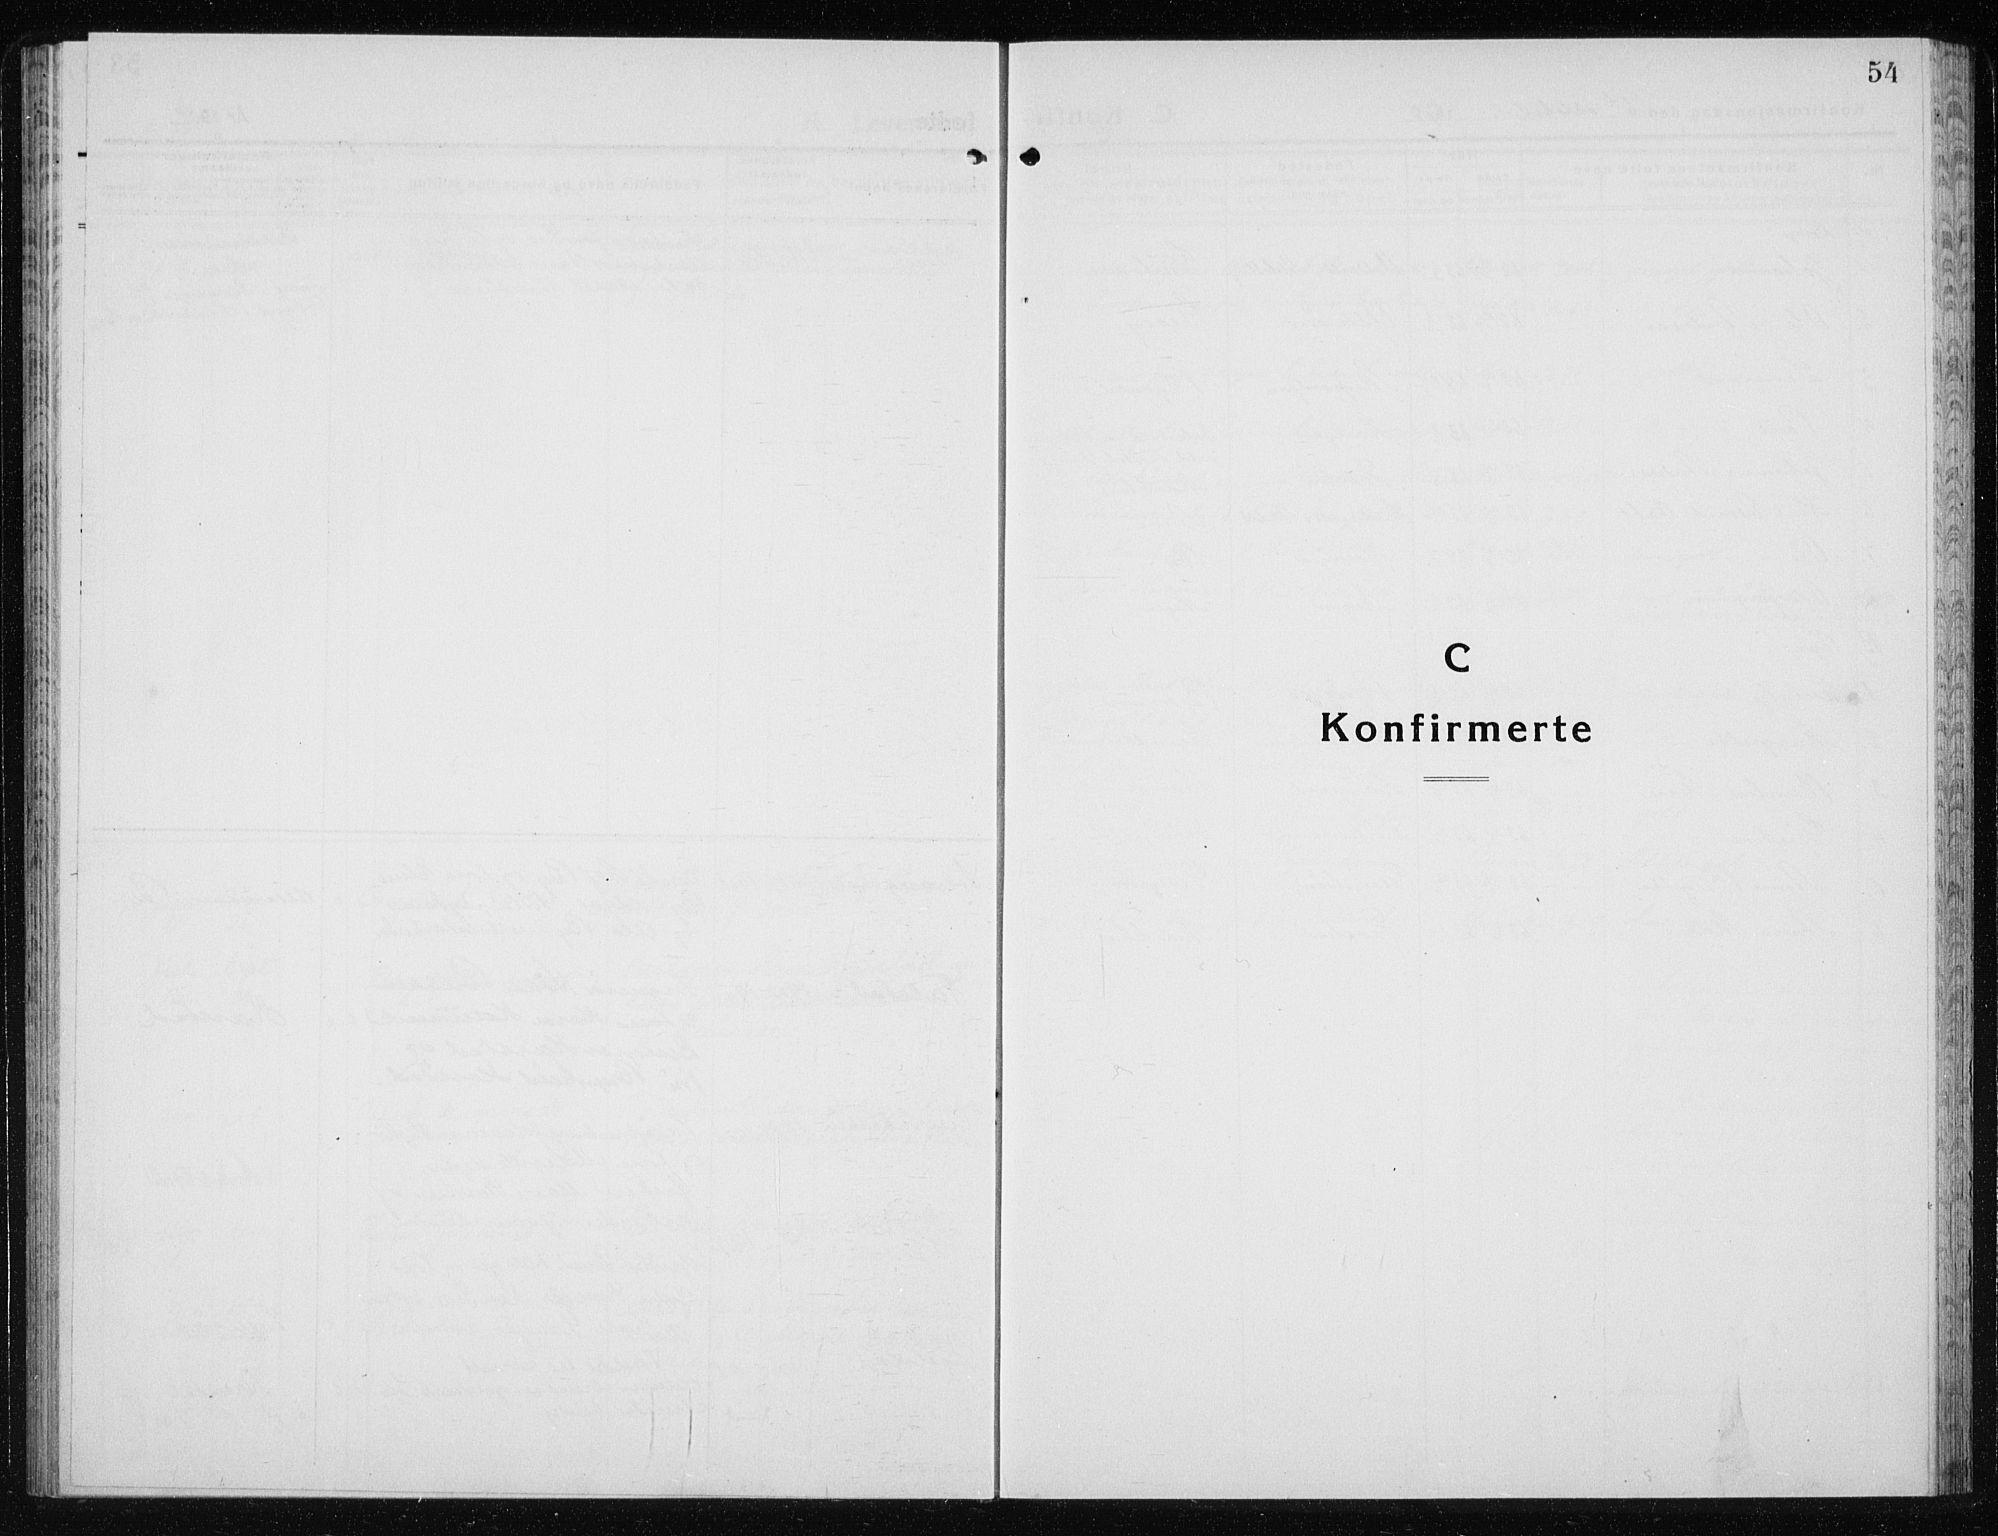 SAT, Ministerialprotokoller, klokkerbøker og fødselsregistre - Nord-Trøndelag, 719/L0180: Klokkerbok nr. 719C01, 1878-1940, s. 54